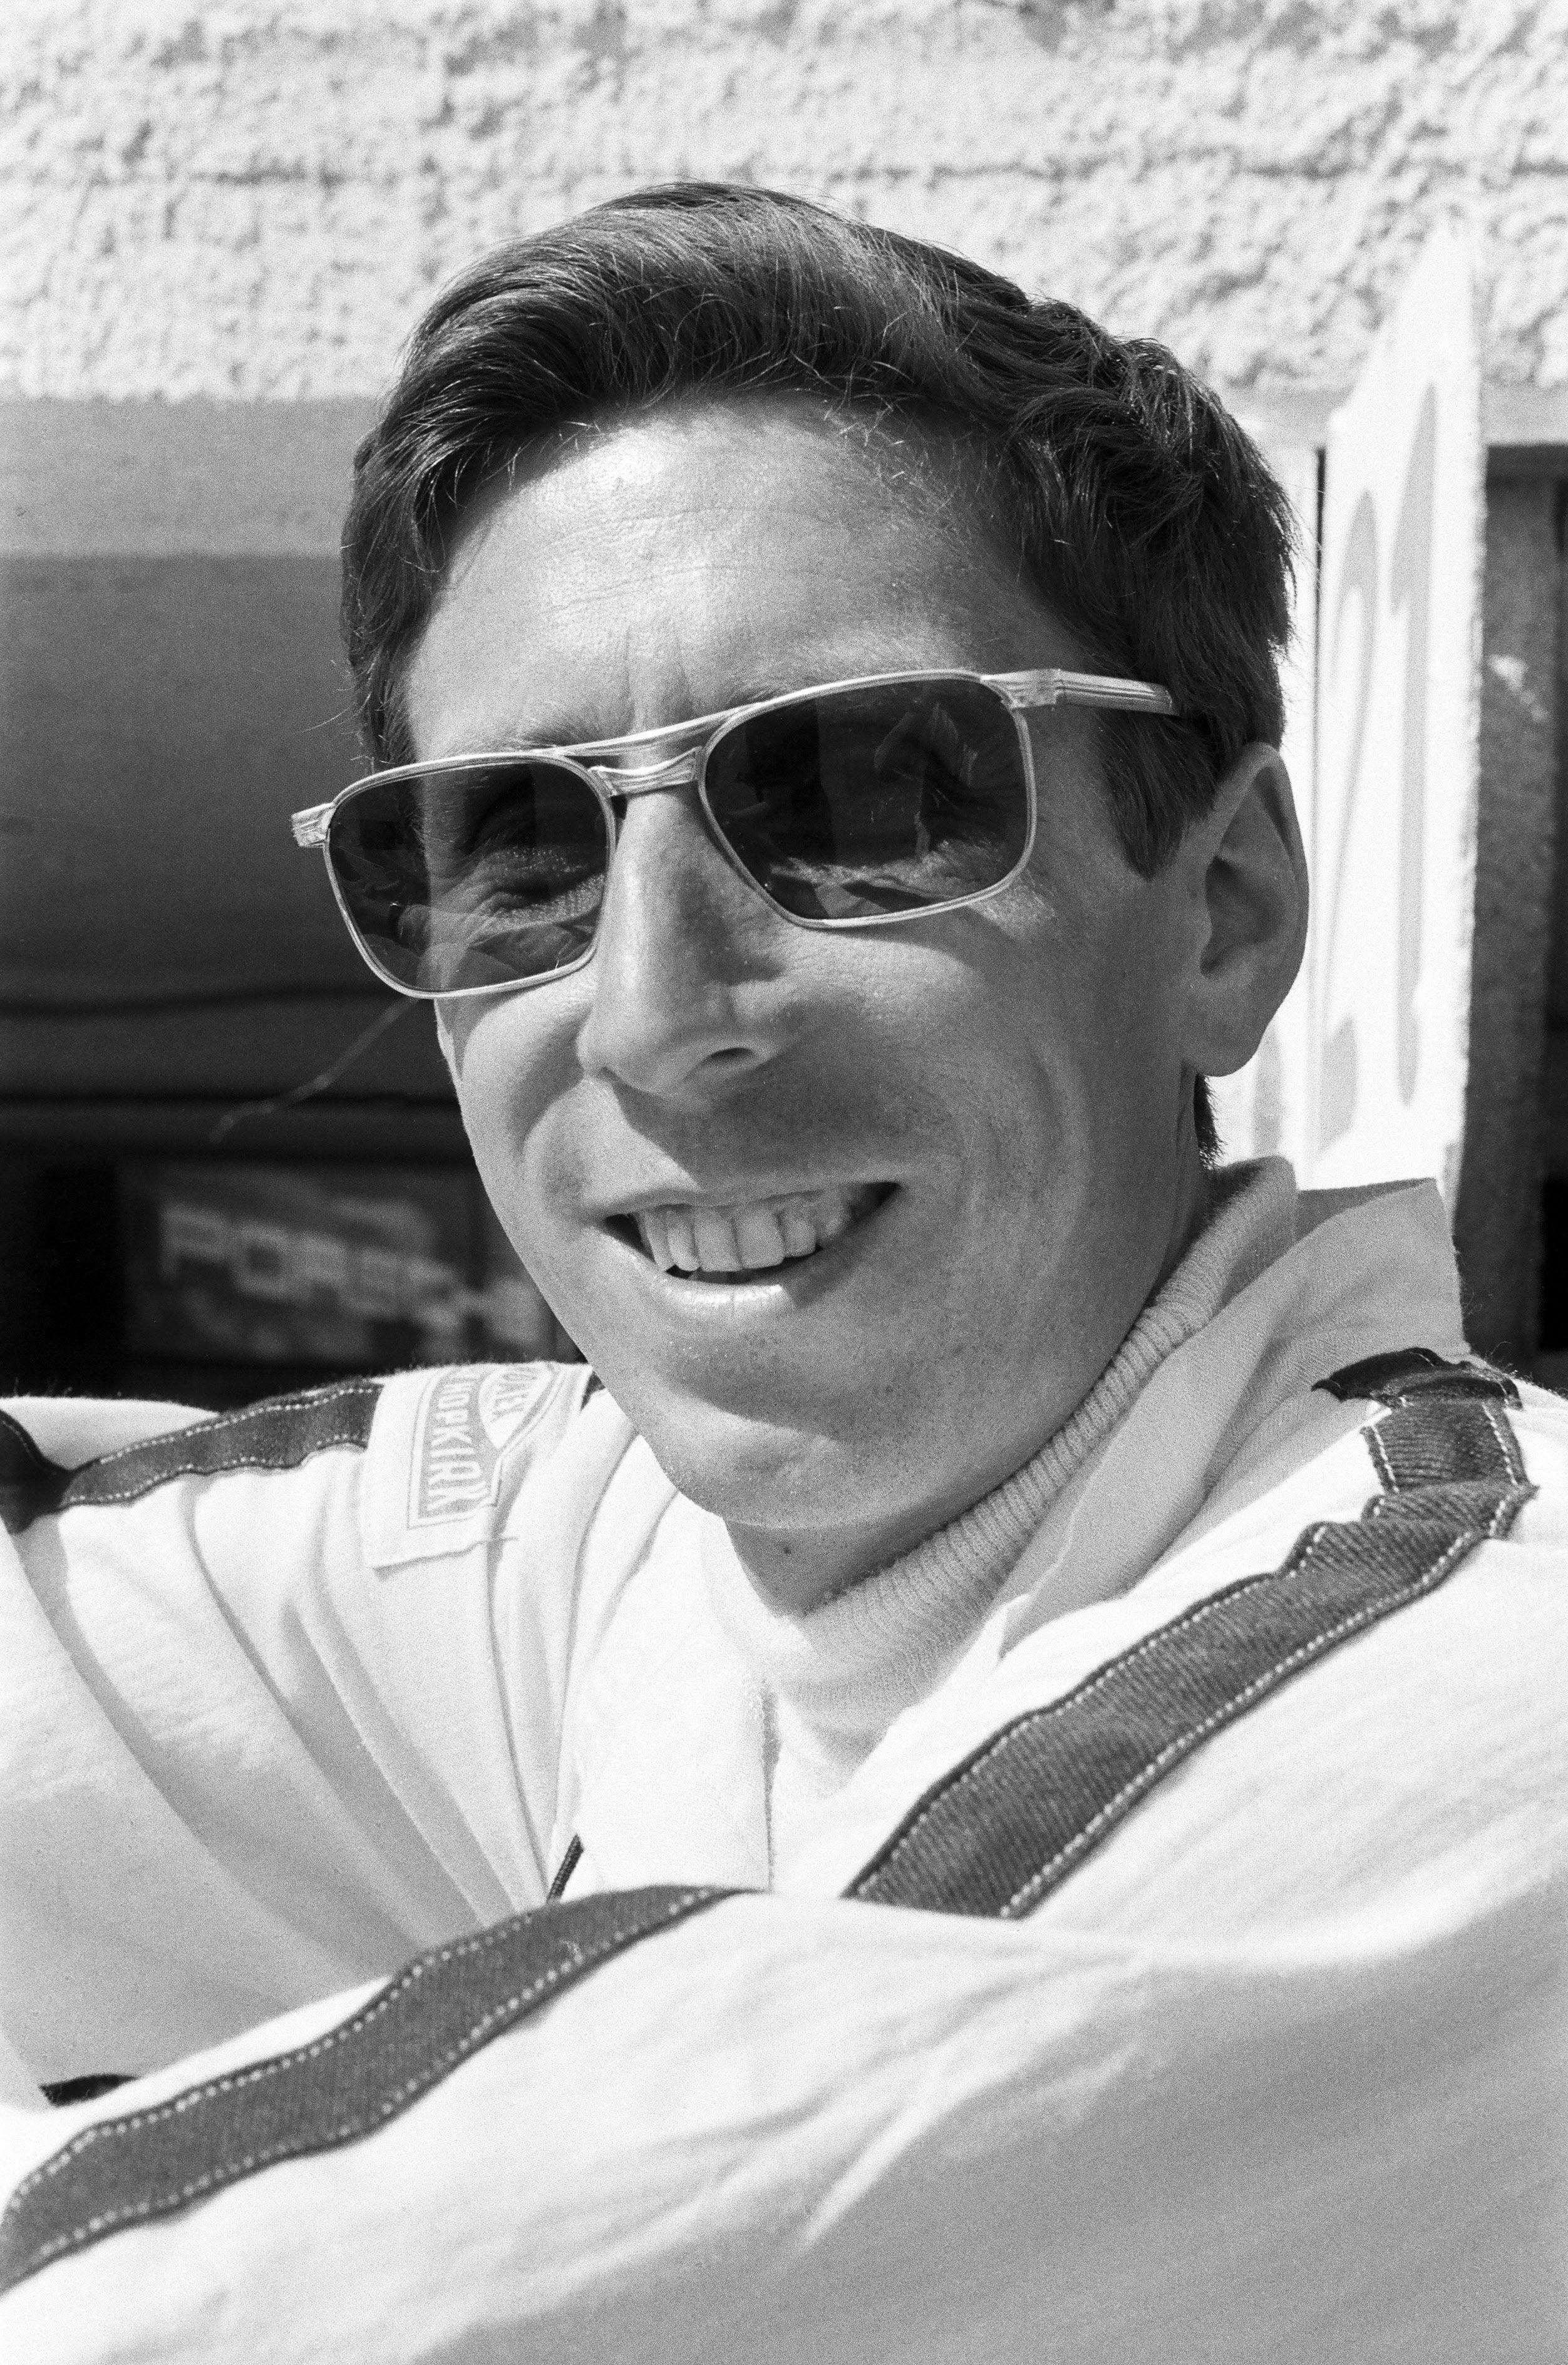 Targa Florio, 04.05.1969, Porsche-Rennfahrer Dieter Spoerry